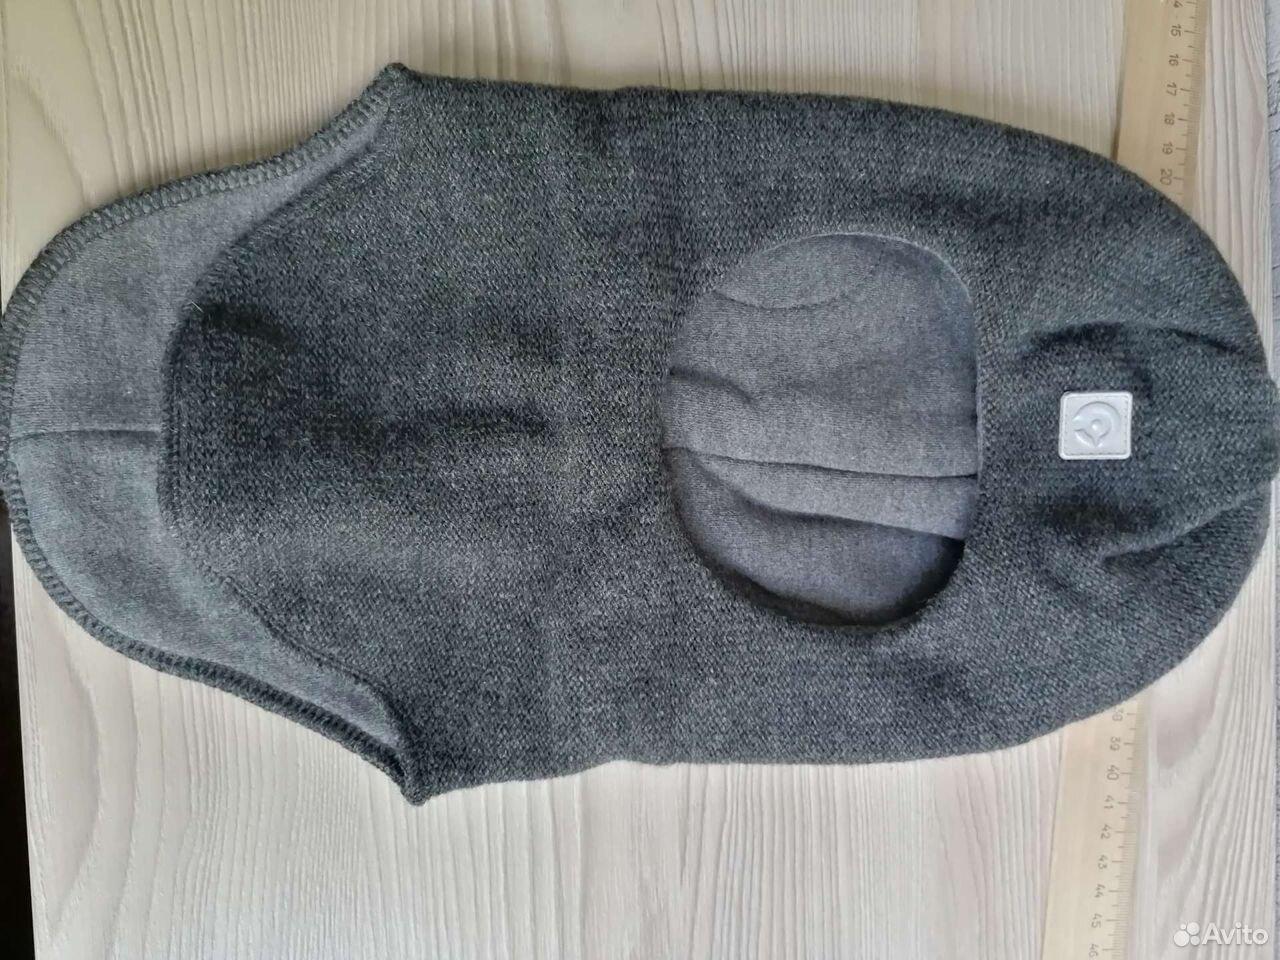 Шапка-шлем фирмы crockid, зимняя, размер 46-48  89085241242 купить 1